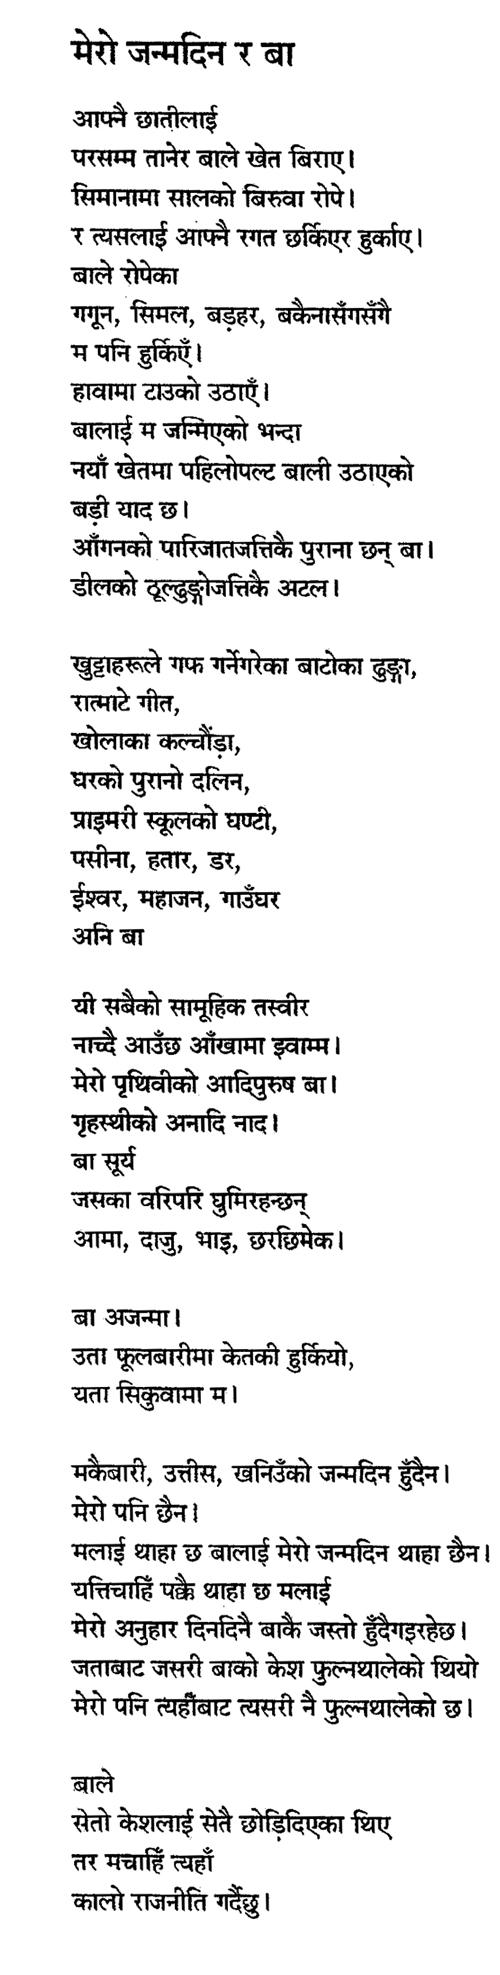 Father and My Birthday] (Rajendra Bhandari)